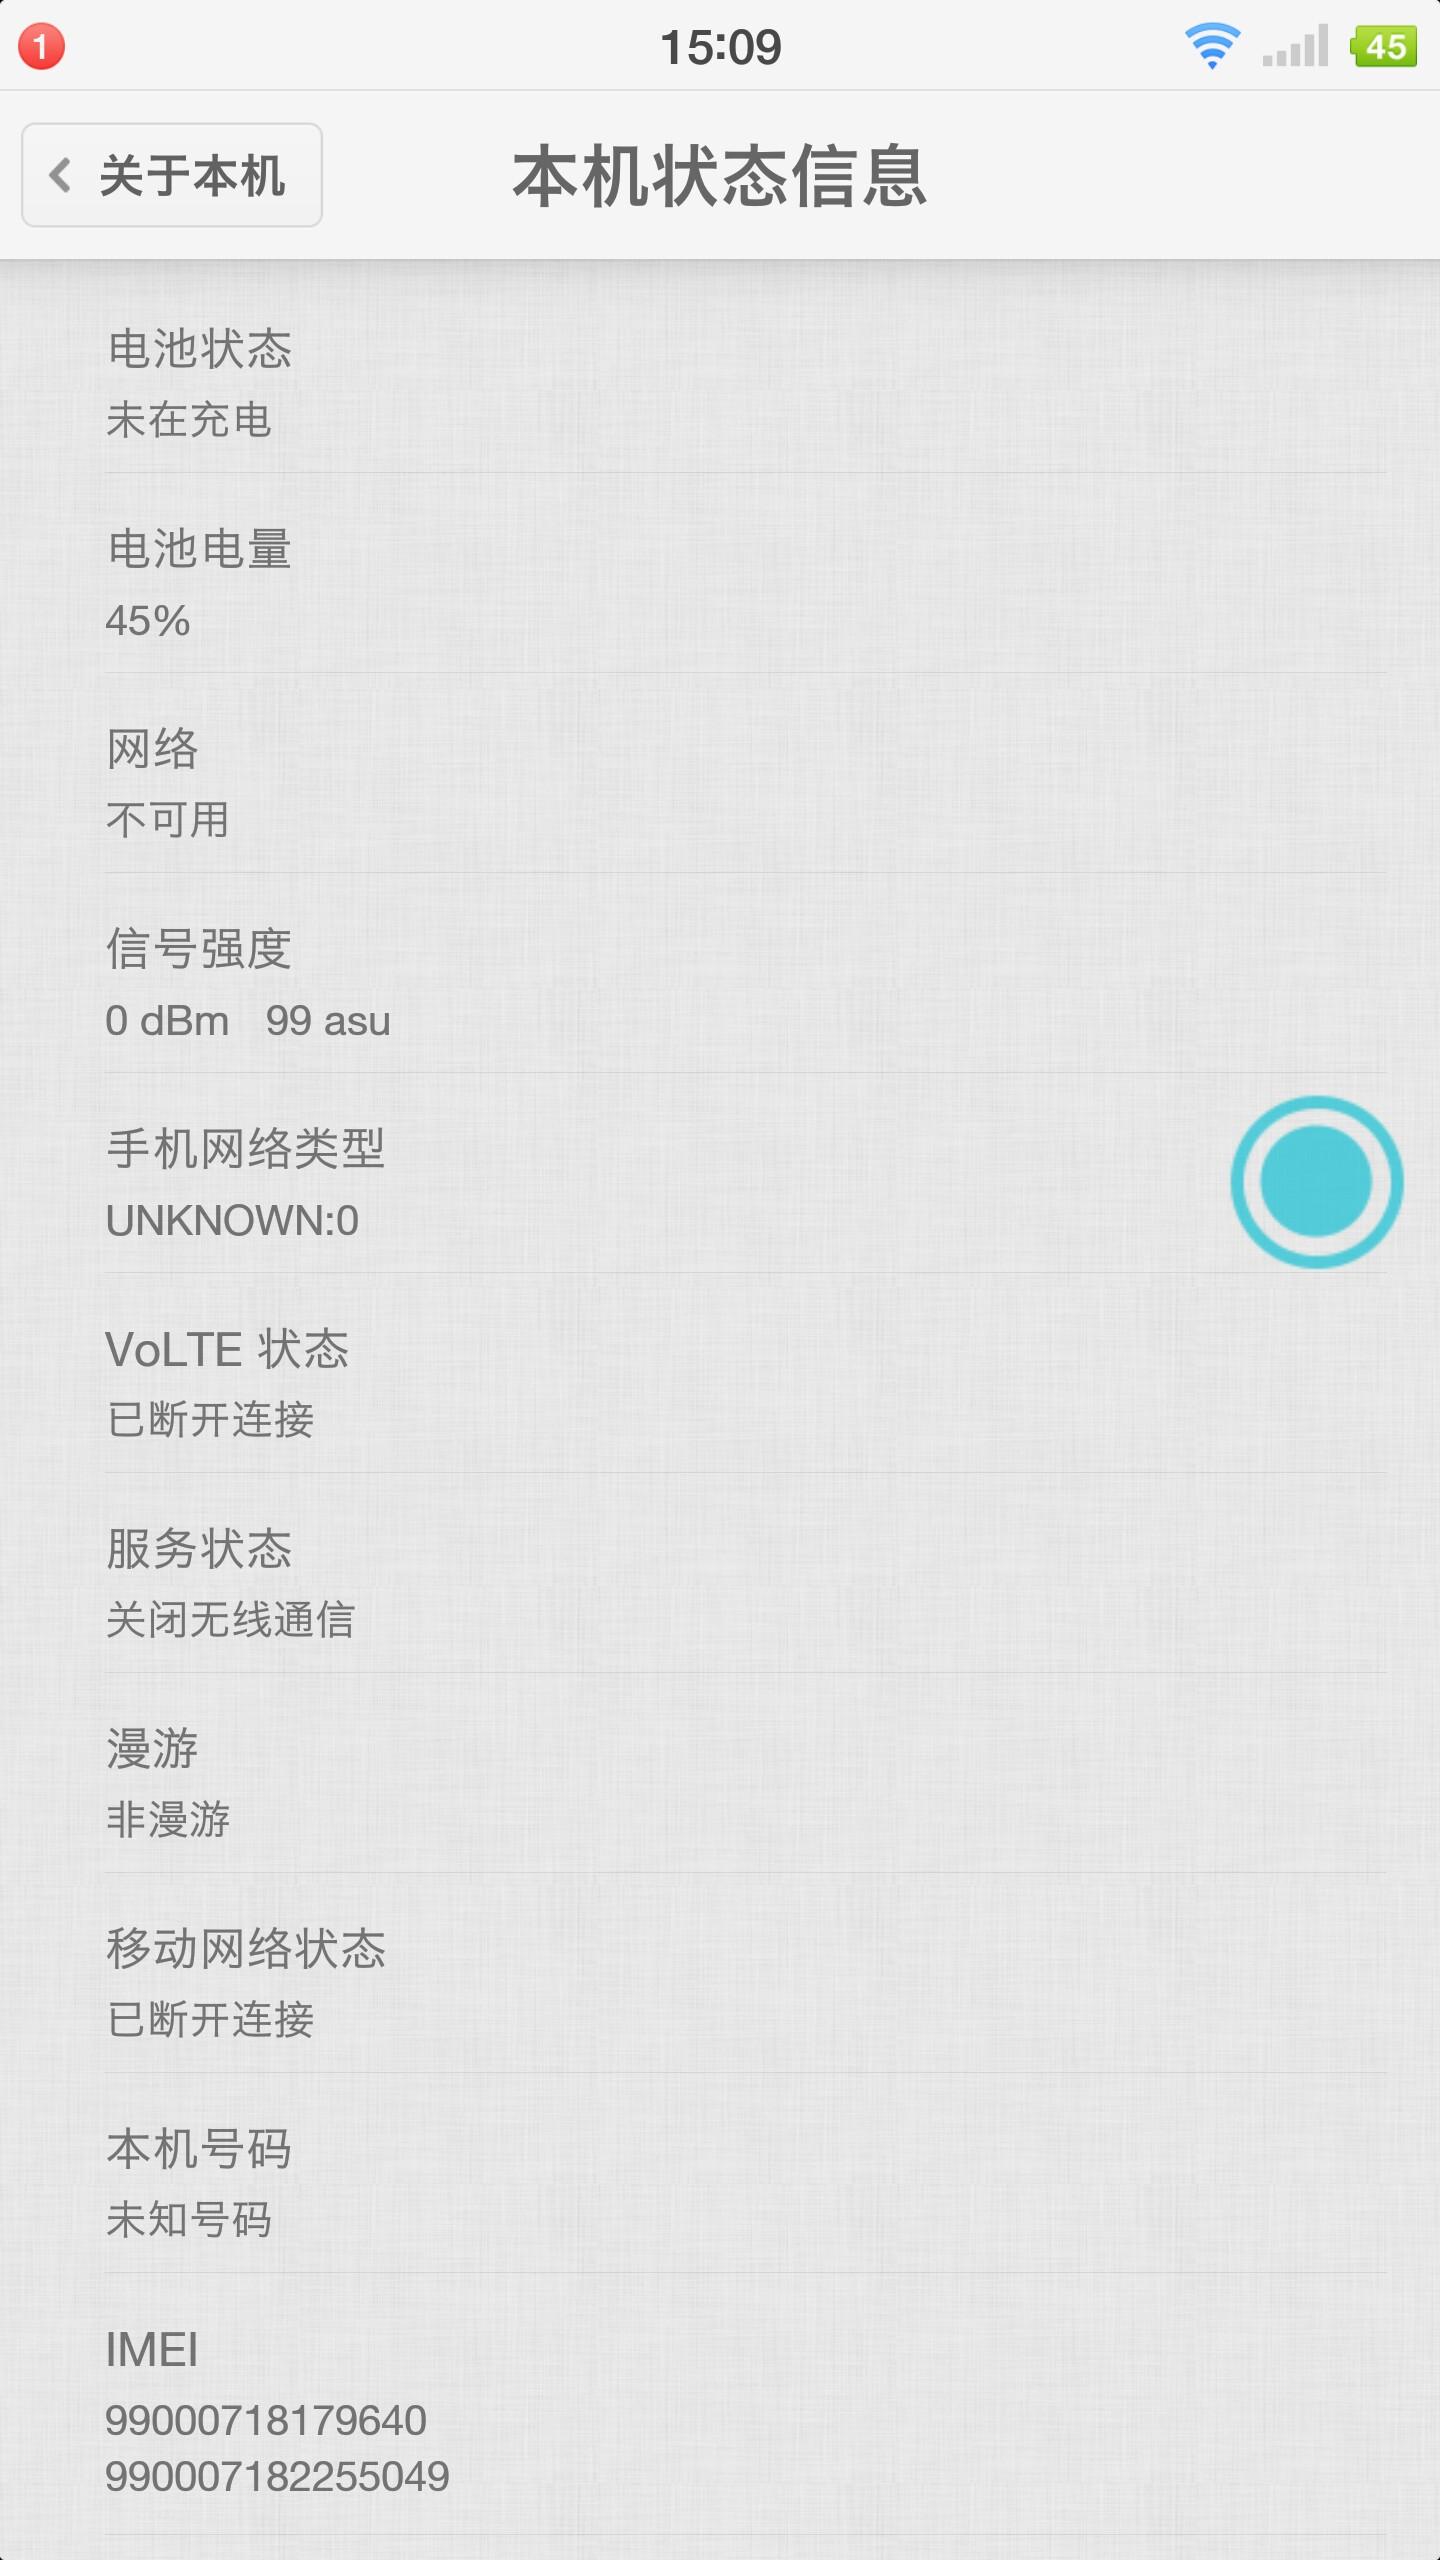 Screenshot_2018-10-02-15-09-56-691_??_compress.png